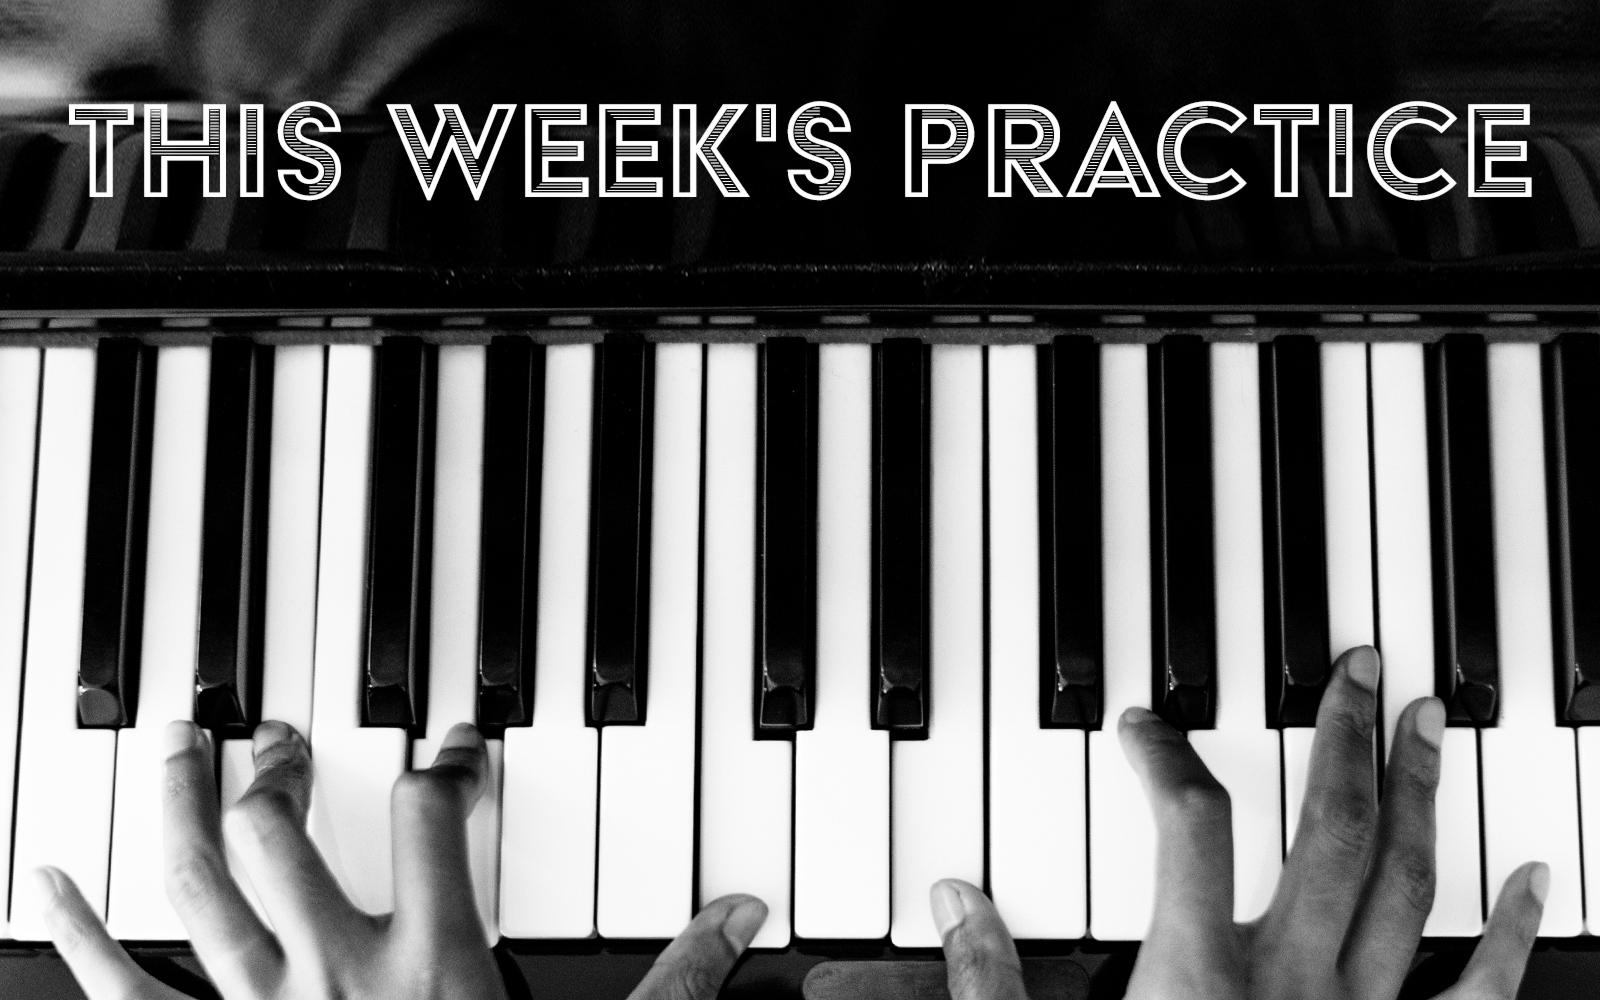 PoG_Blog_This-Week's-Practice.jpg